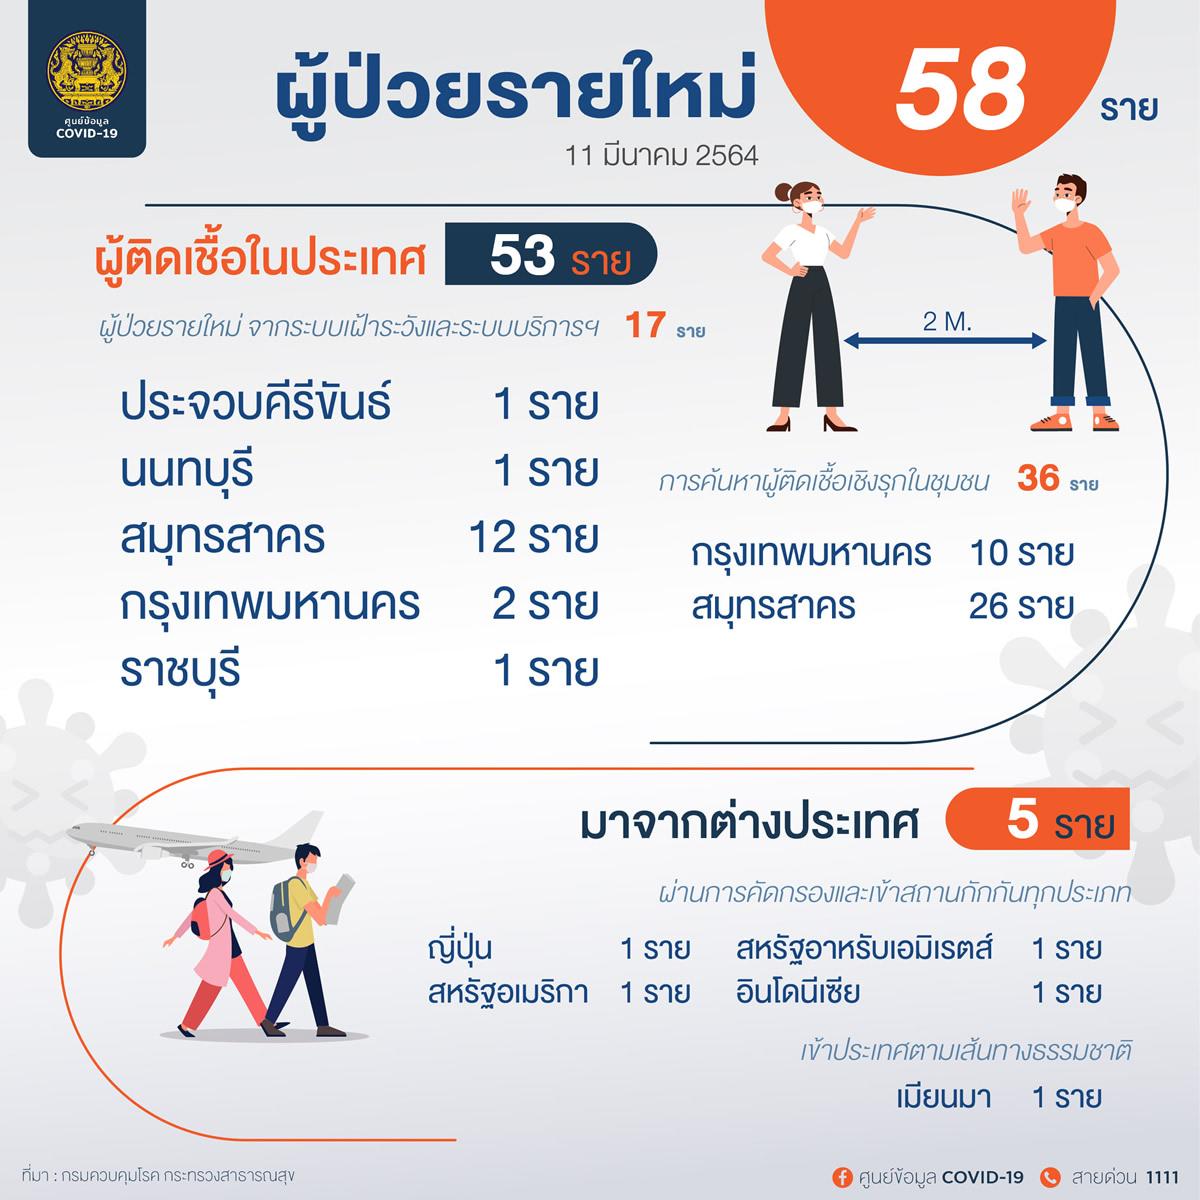 新規タイ国内感染53人、バンコク都では12人の陽性を確認[2021年3月11日発表]